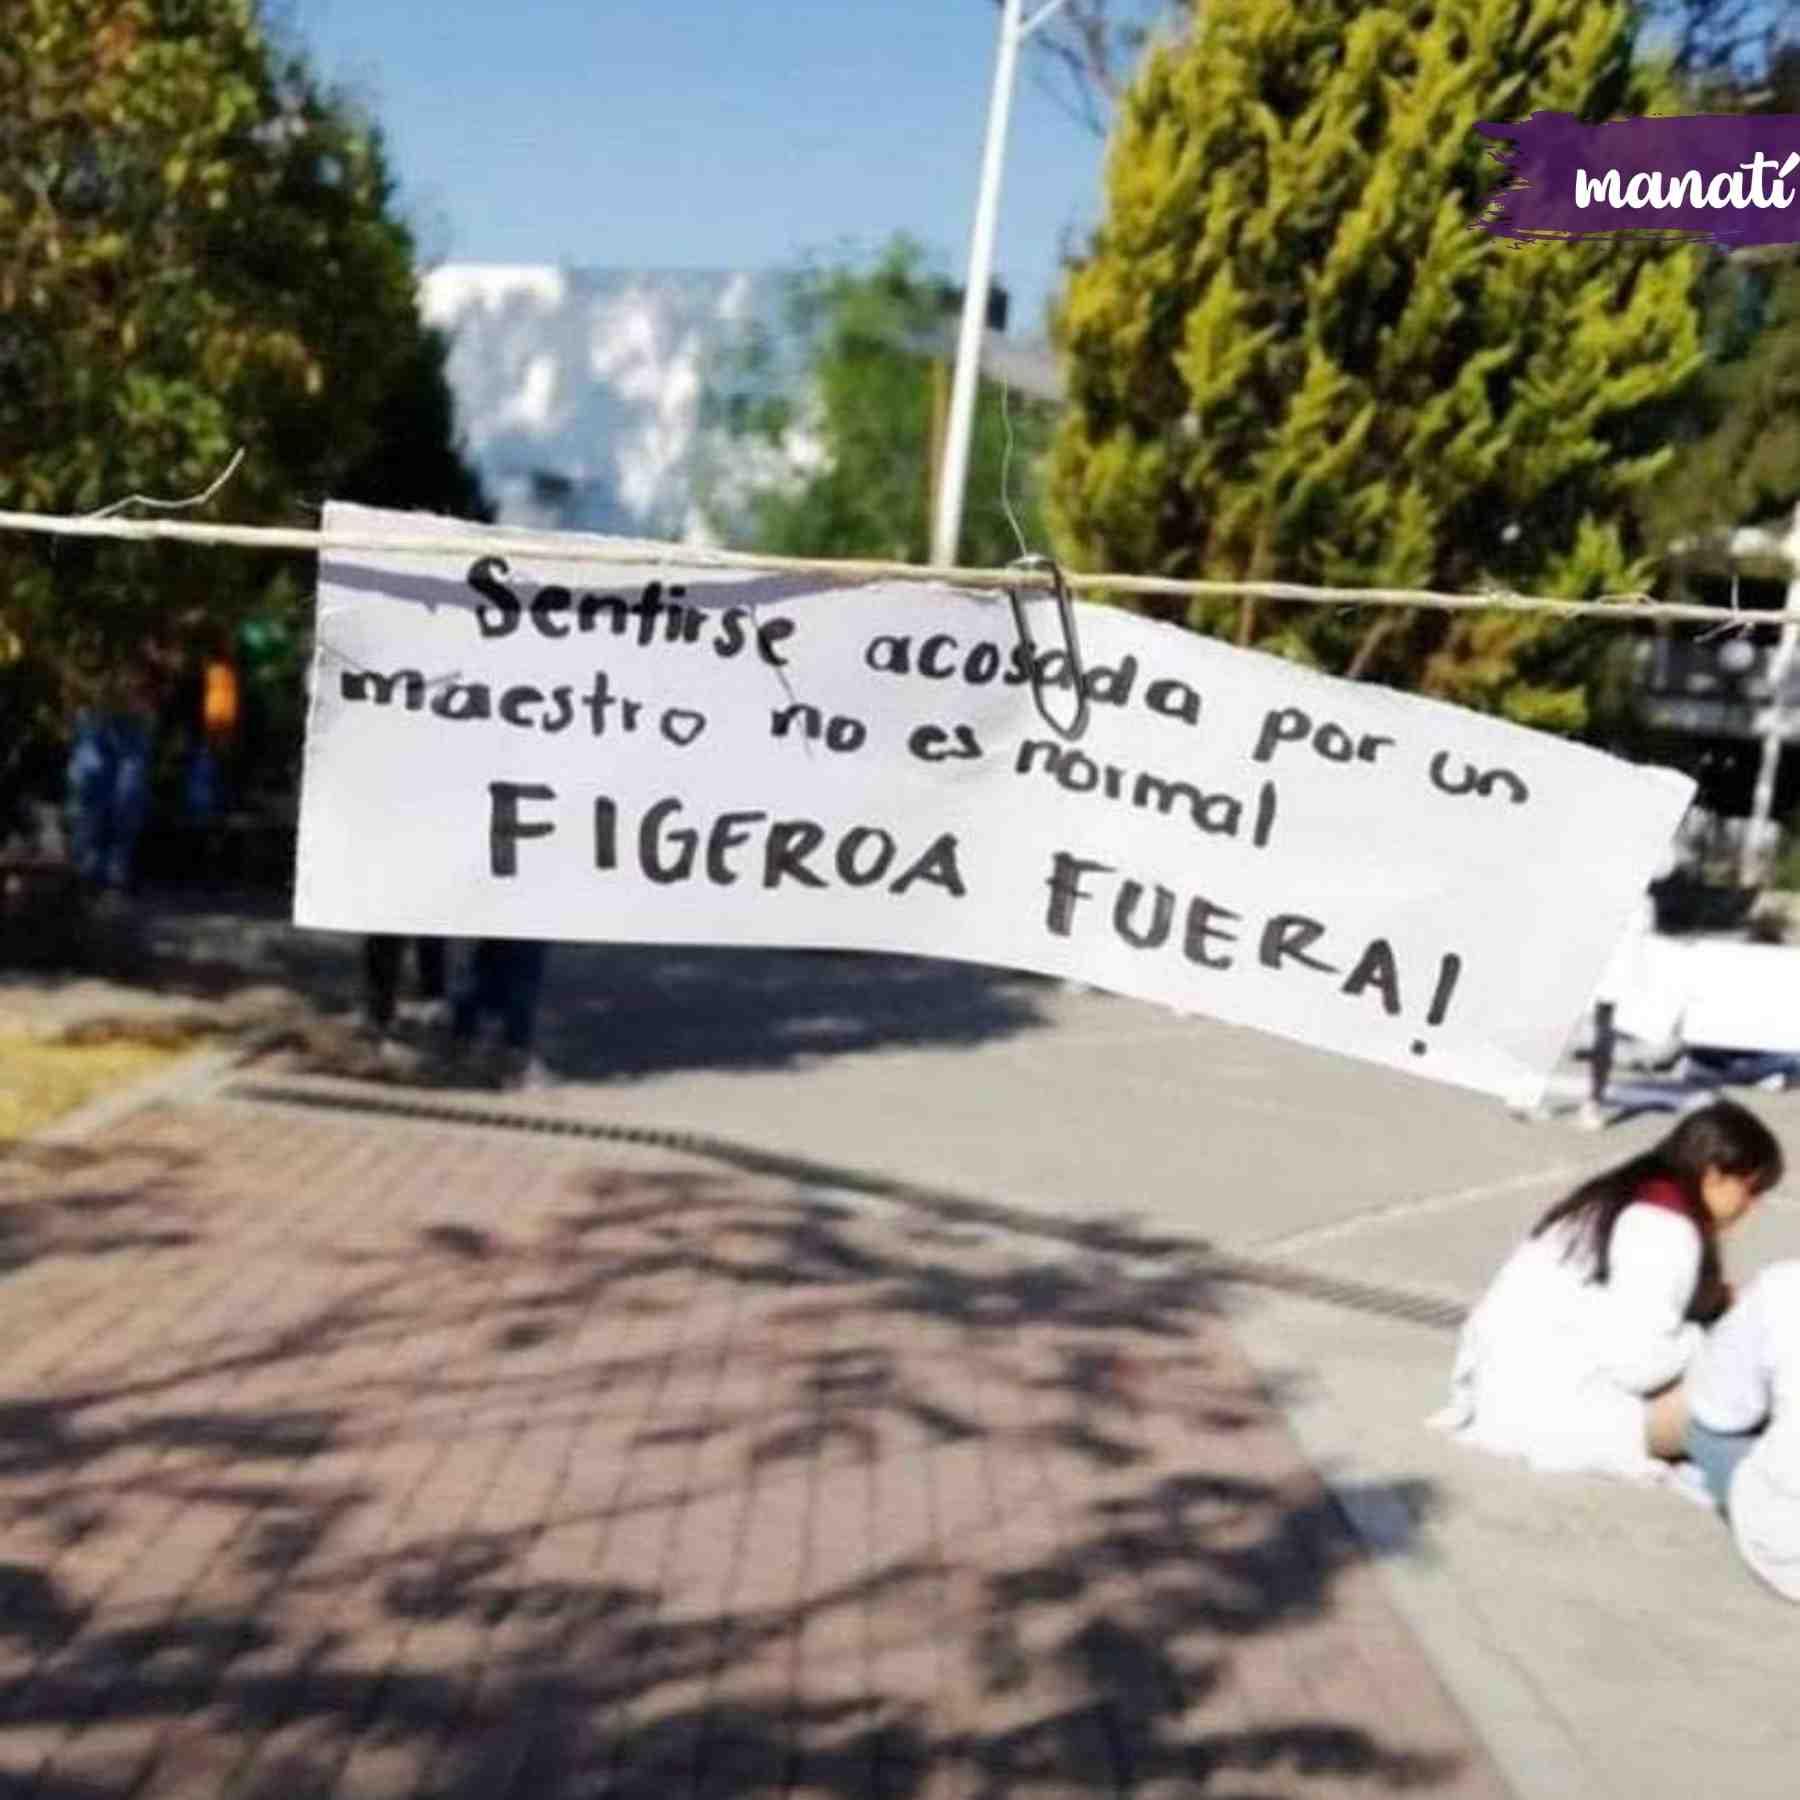 Fotografía de una actividad para denunciar acoso en una universidad de Puebla.